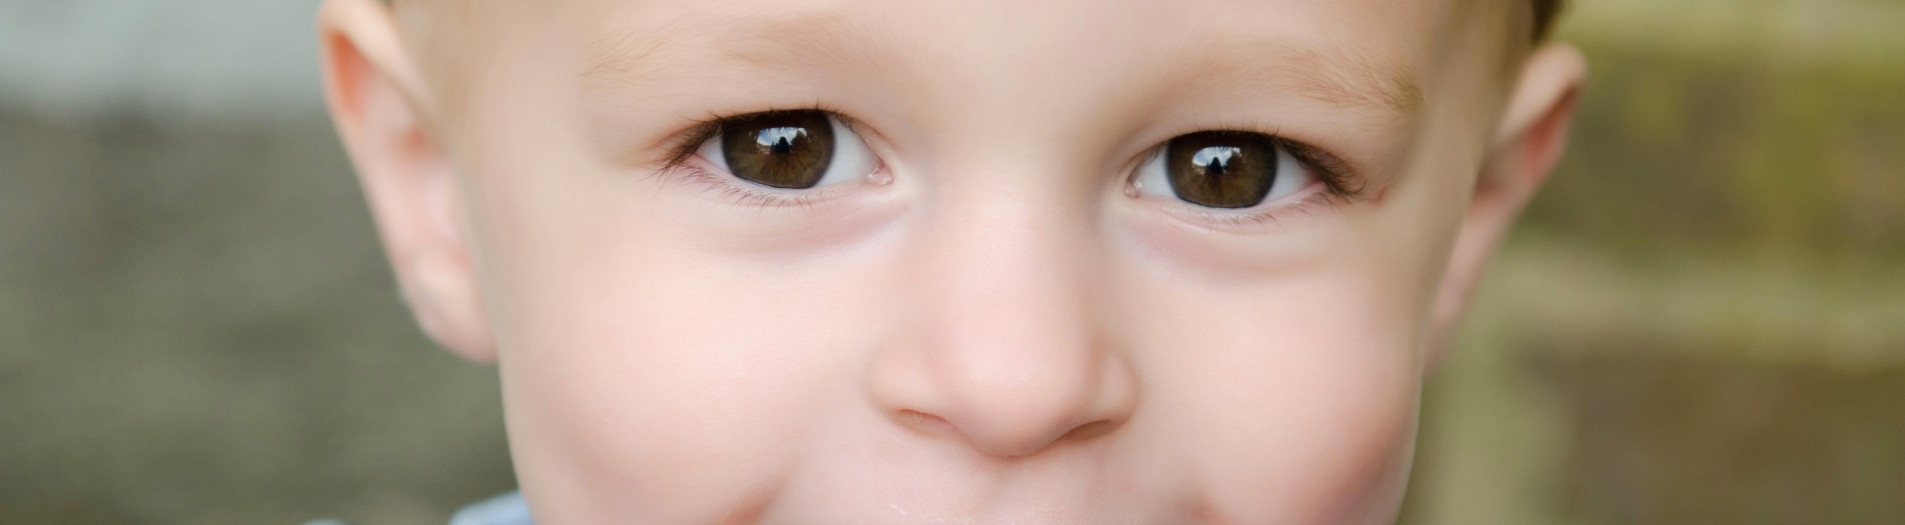 Child Photography | Middletown, DE | Wilmington, DE | The K Family